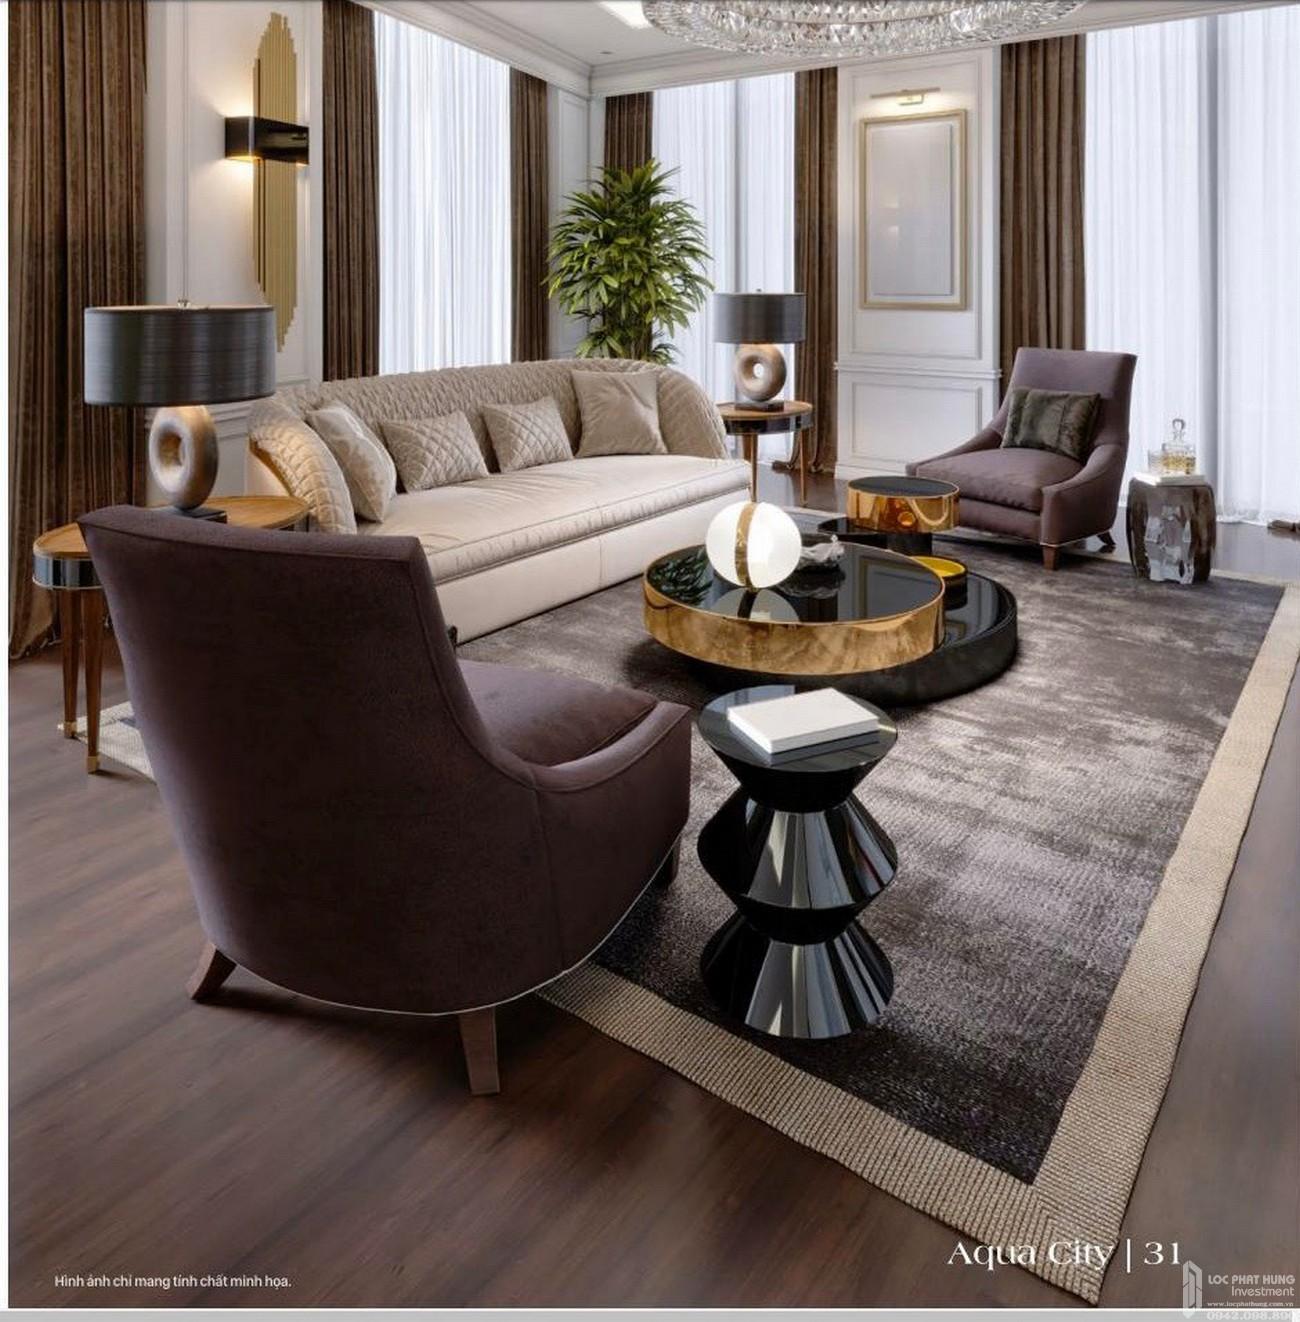 Thiết kế nội thất mang đến vẻ sang trọng, hiện đại cũng không kém phần thanh lịch